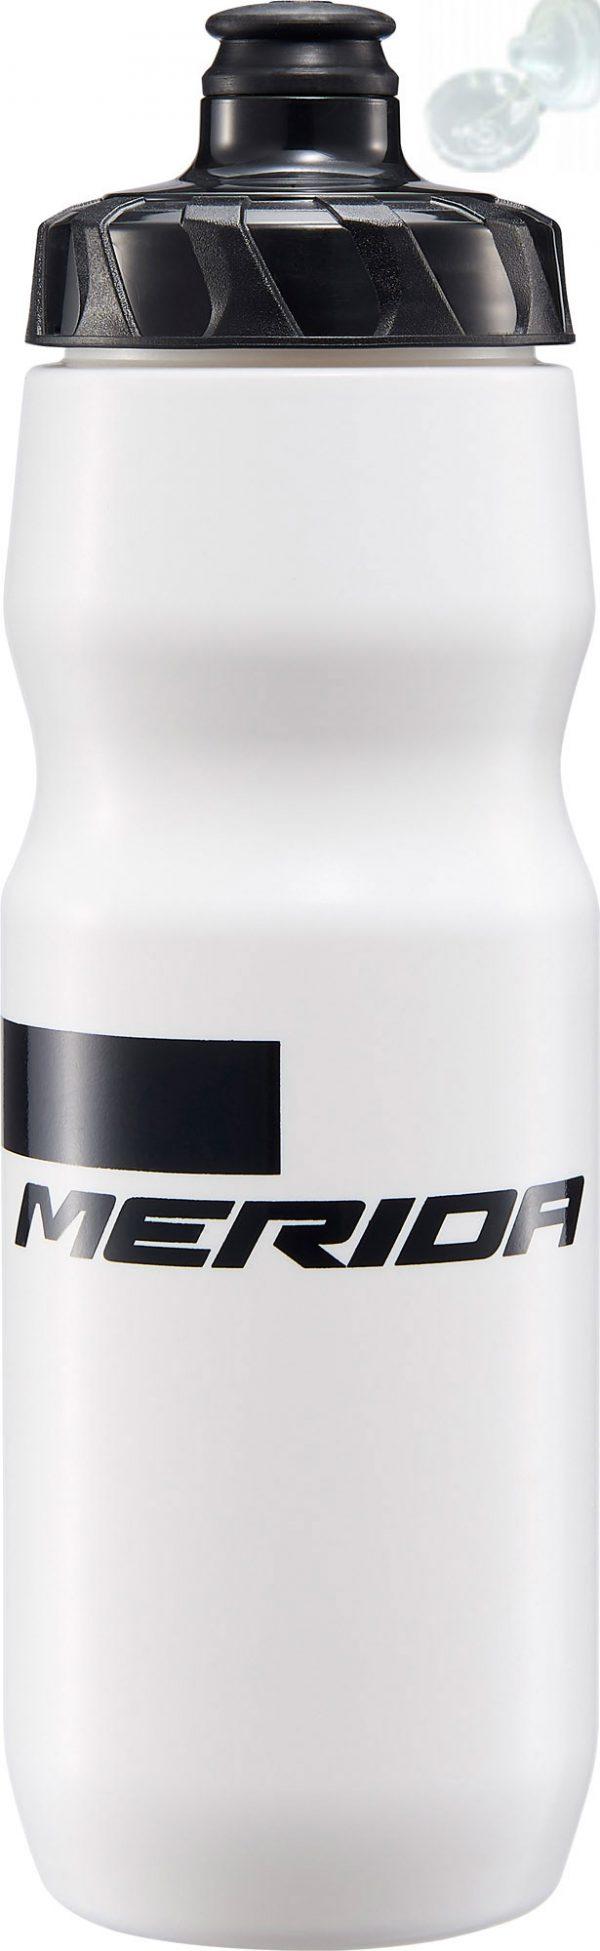 Фляга Merida Bottle/Stripe White, Black 715 мл с крышкой